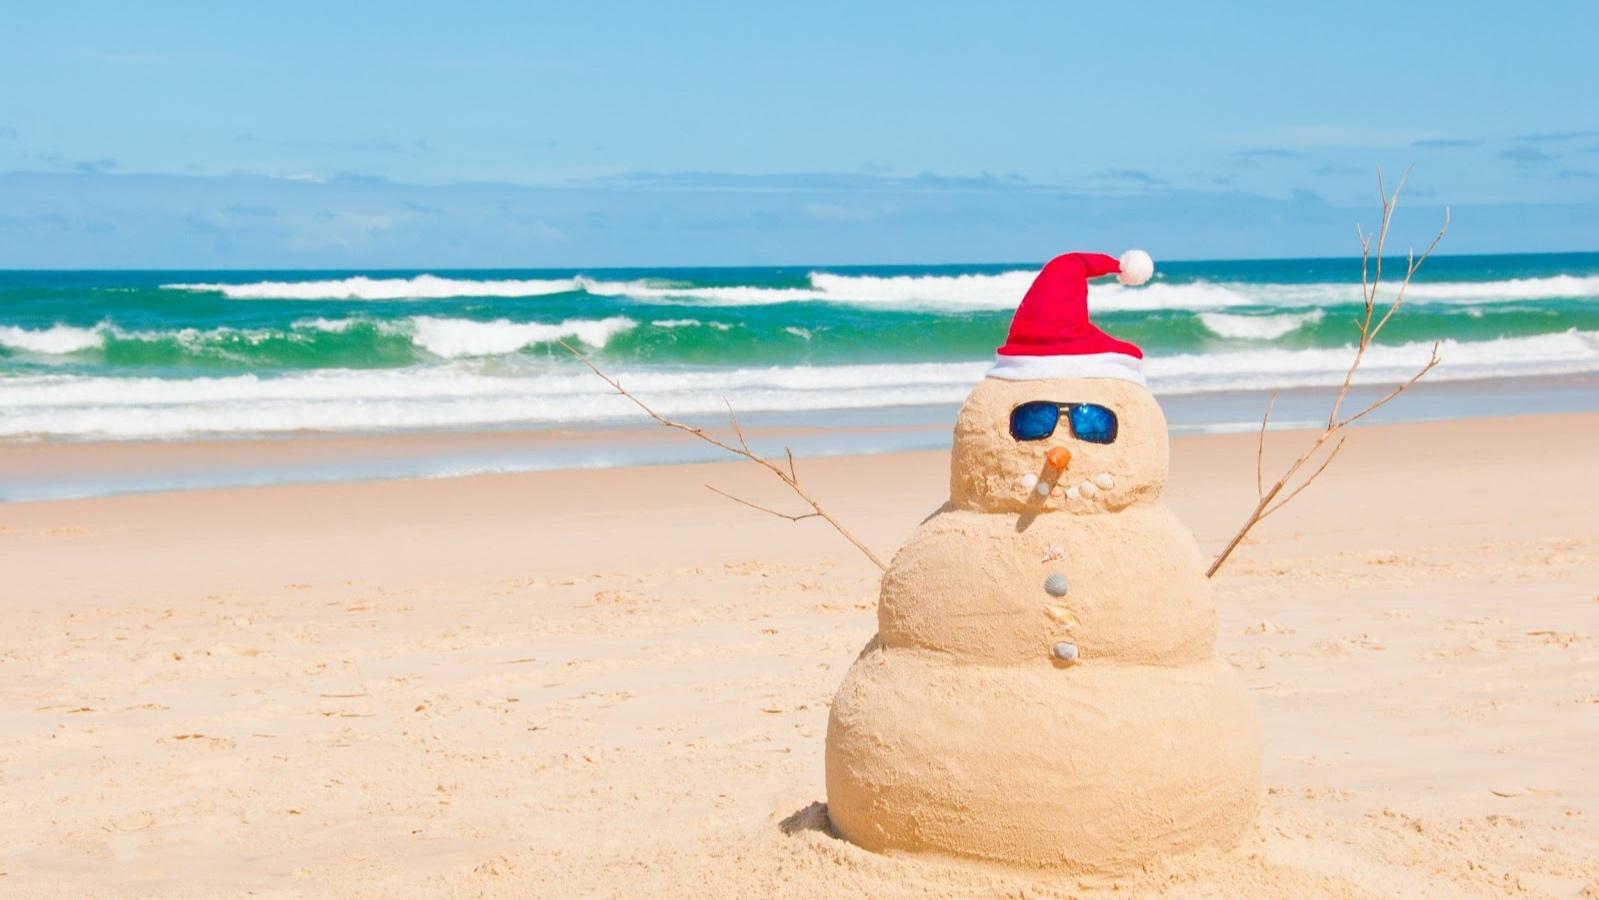 australia-beach-snowman-123rf.jpg